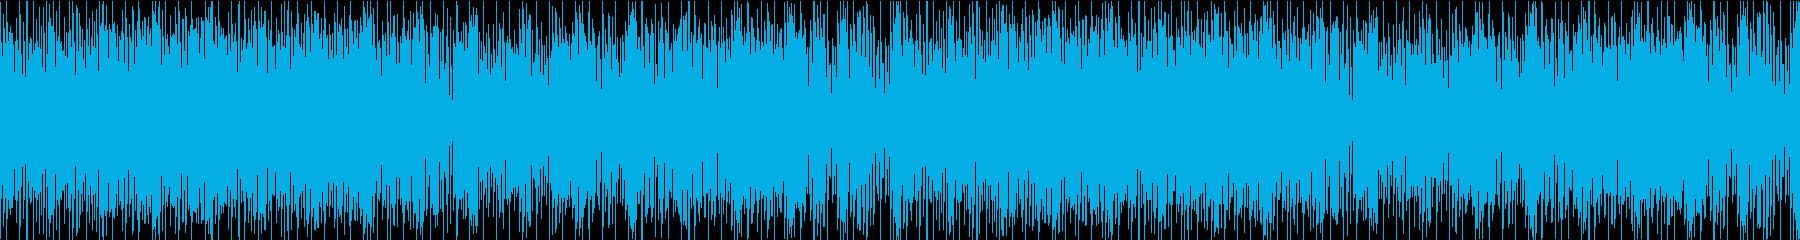 明るく可愛いBGM+ボイス系/ループ可能の再生済みの波形